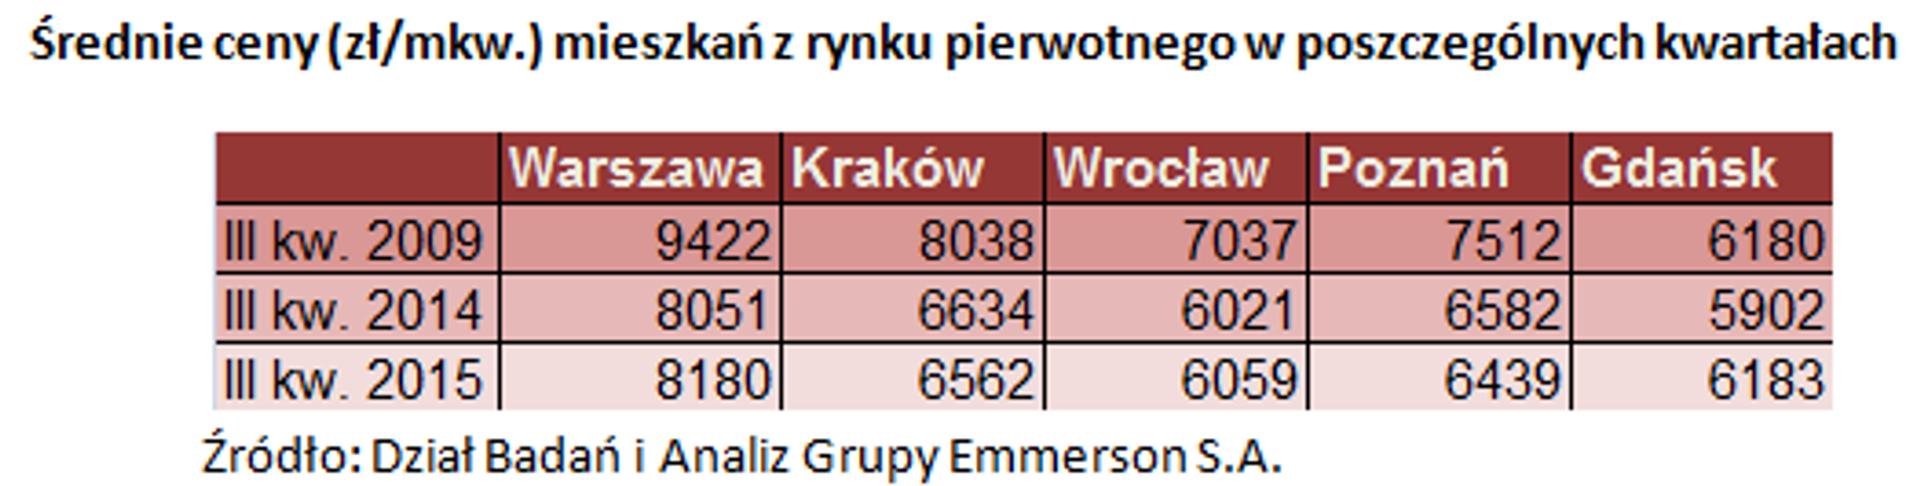 [Polska] Średnie ceny mieszkań w największych miastach